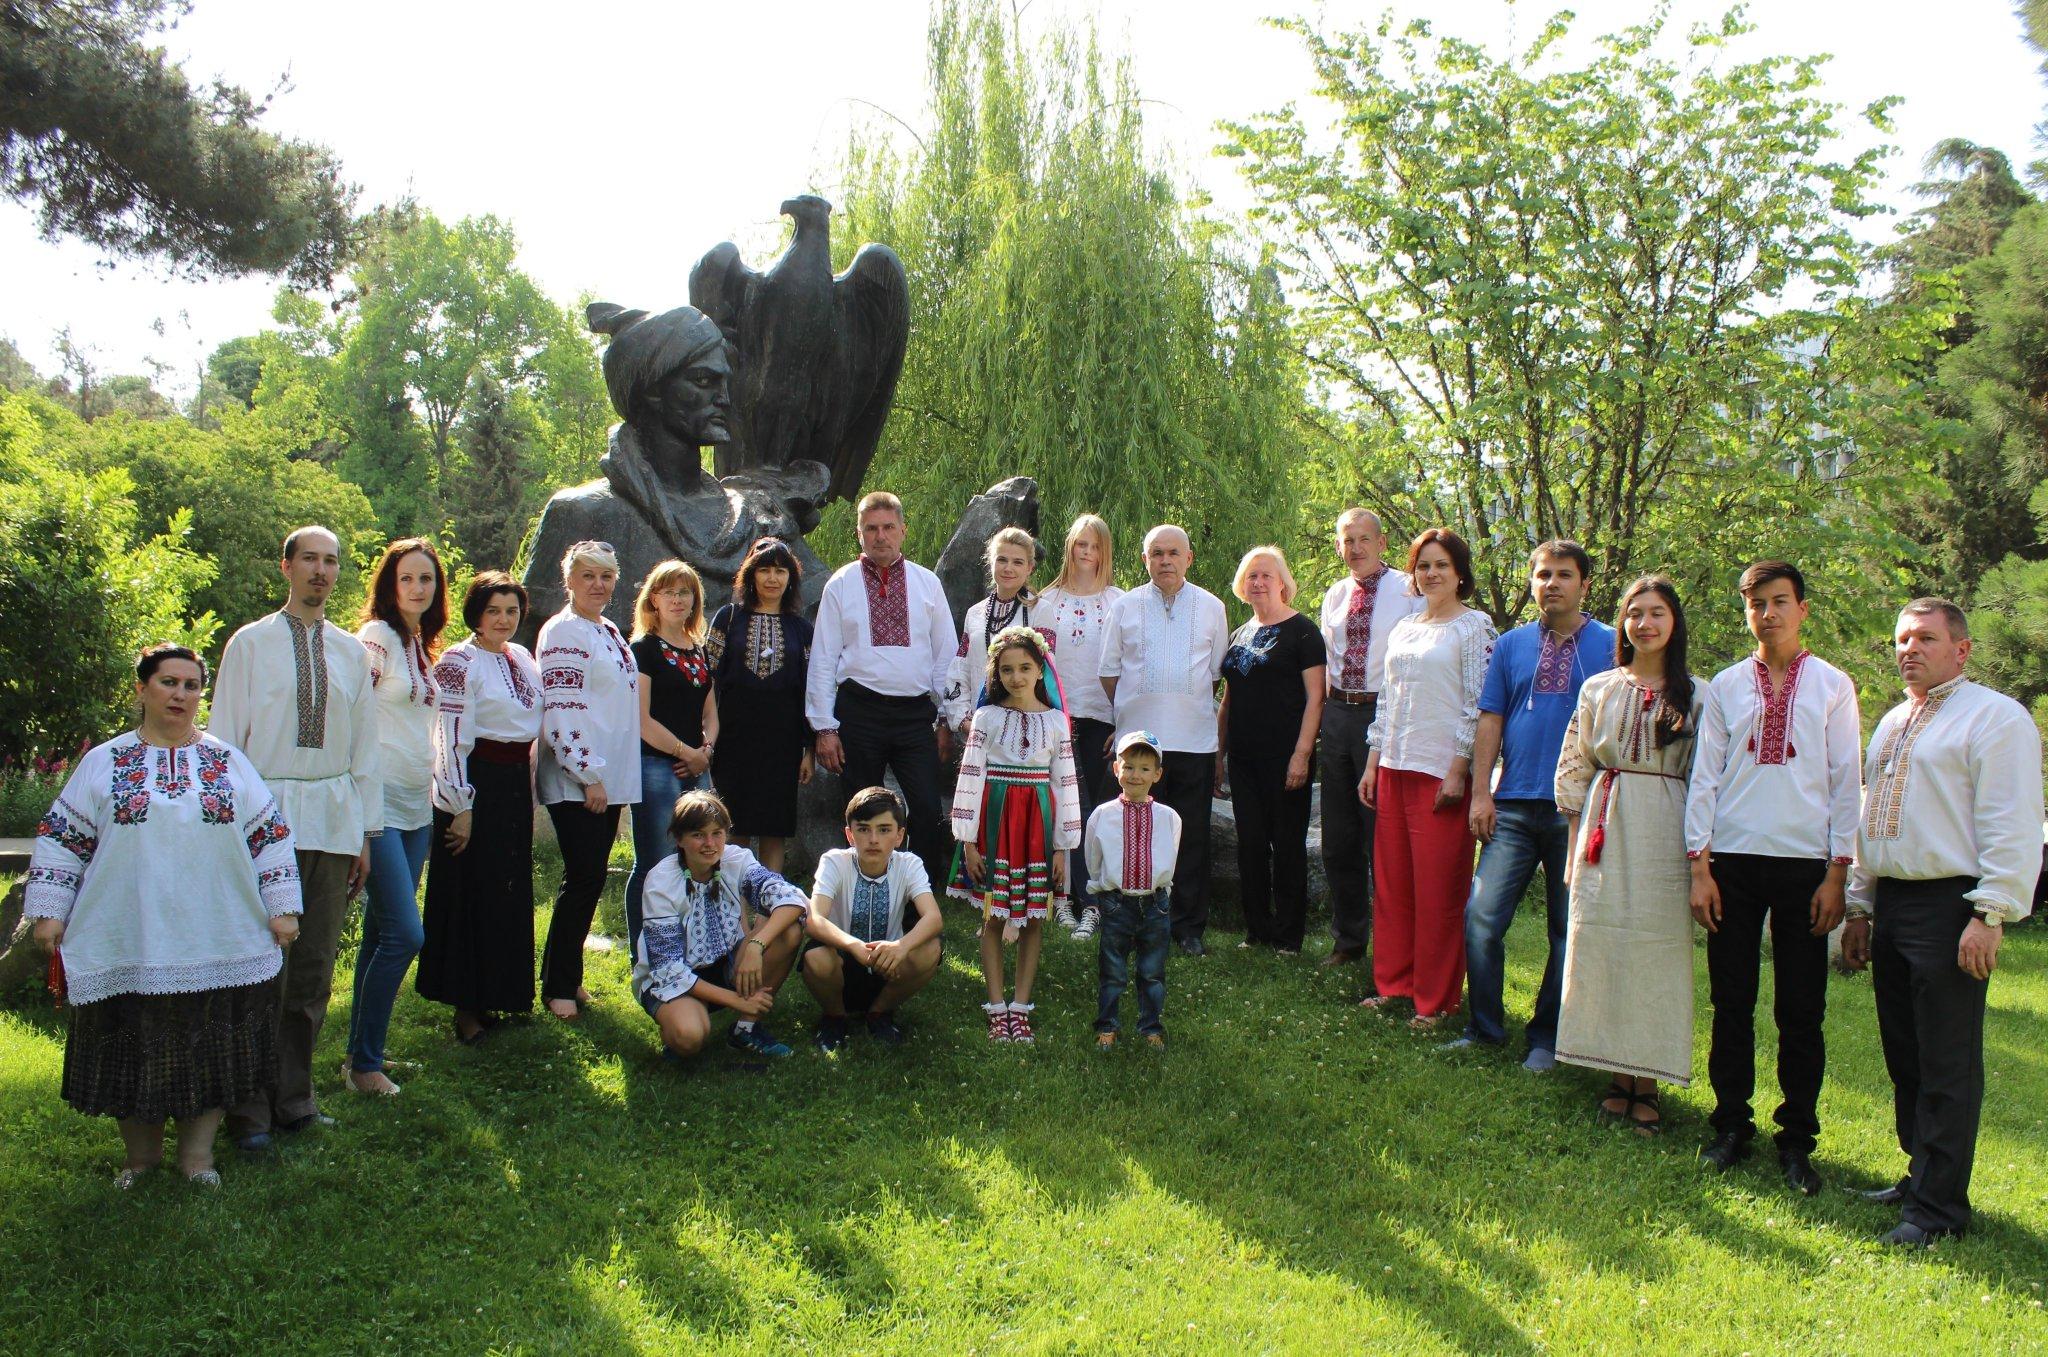 ... Віктор Нікітюк поділився на своїй сторінці в Twitter світлиною з  українською громадою в Душанбе. І в цьому куточку світу відзначили День  вишиванки! aba0b628aa323